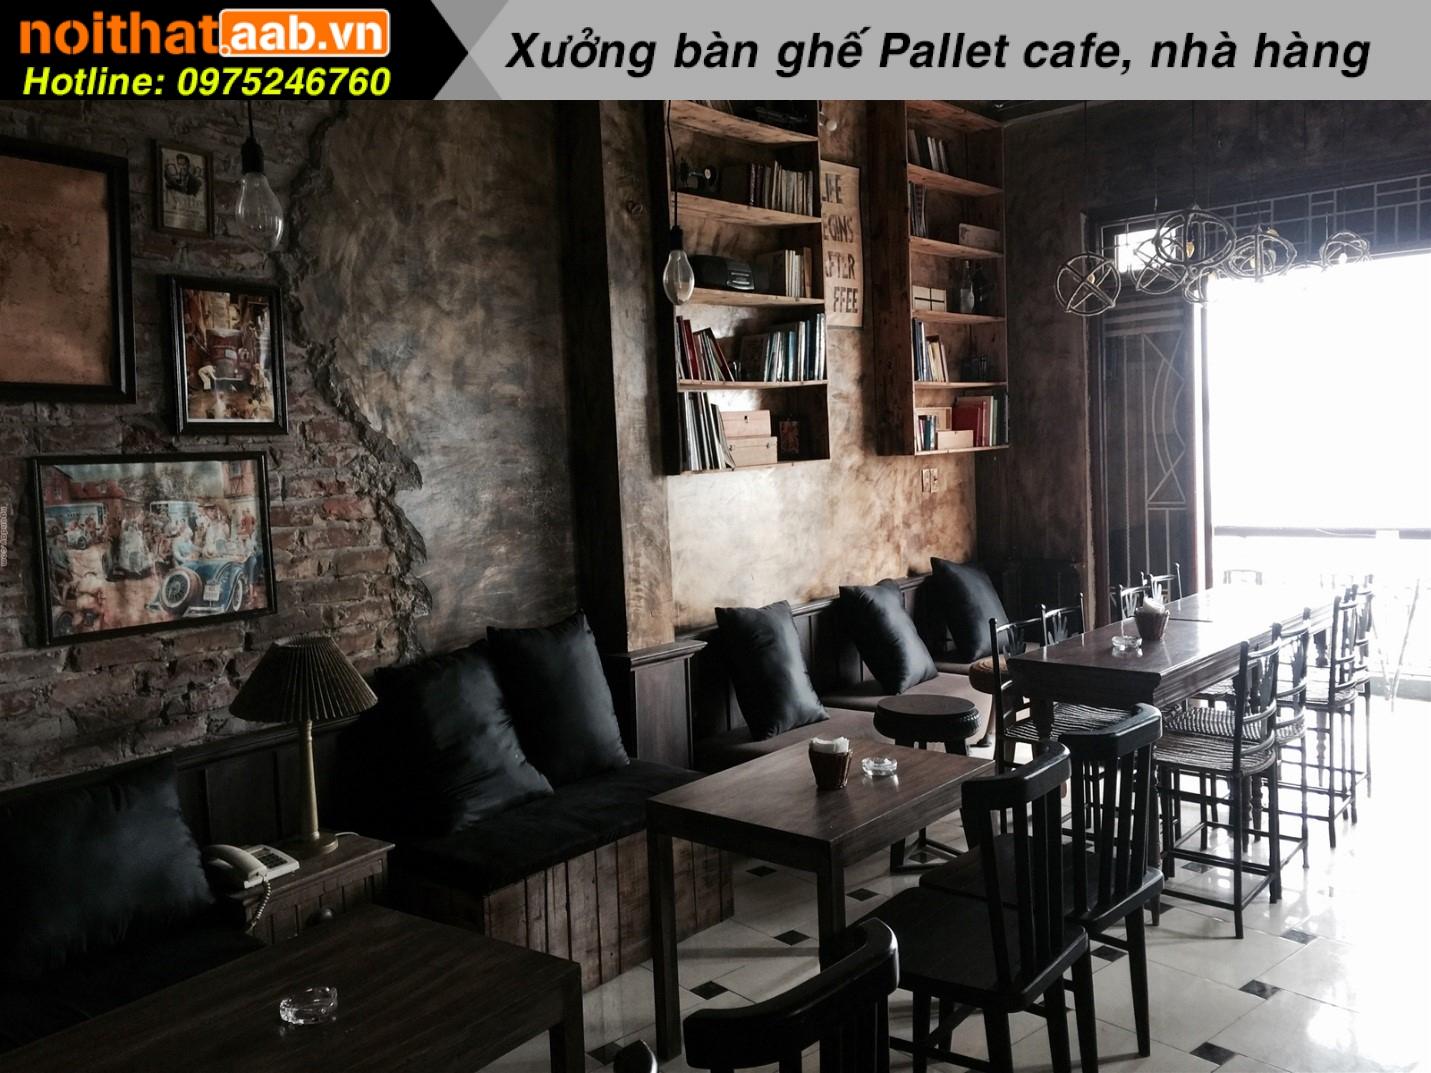 Thiết kế quán cà phê đẹp phong cách cổ điển